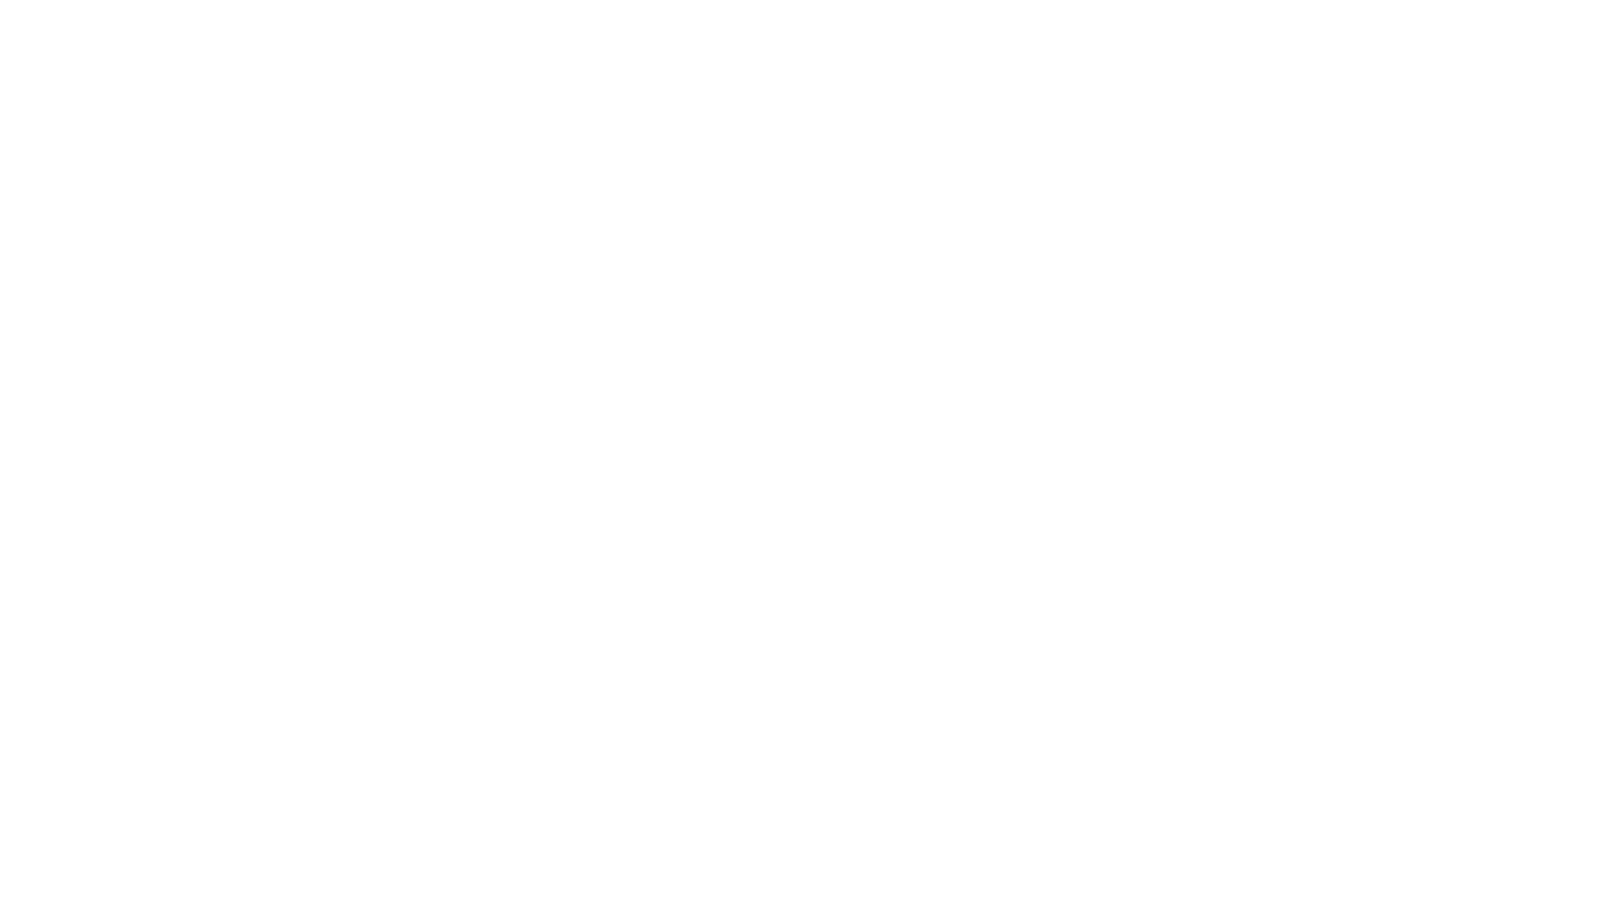 """Com Rodrigo Santos  1) Contatos de Rodrigo Santos: - e-mail: rps@uniriotec.br - rede: https://br.linkedin.com/in/profrodrigosantos  2) Resumo sobre desafios de qualidade em ecossistemas de software: http://www.sesos-wdes.icmc.usp.br/pdf/wdes/2014/2014-WDES-05.pdf  3) Livro """"Software Ecosystems, Sustainability and Human Values in the Social Web"""" (2020):  https://link.springer.com/book/10.1007%2F978-3-030-46130-0#about   4) Primeira tese nacional em ecossistemas de software: https://www.researchgate.net/publication/301786969_Managing_and_Monitoring_Software_Ecosystem_to_Support_Demand_and_Solution_Analysis  5) Eventos de referência em ecossistemas de software: - workshop internacional SESoS/WDES: http://www.sesos-wdes.icmc.usp.br/ - workshop nacional WASHES: https://sites.google.com/view/washes2021/  6) 20 anos do Simpósio Brasileiro de Qualidade de Software (SBQS) http://sbqs.sbc.org.br/2021/"""